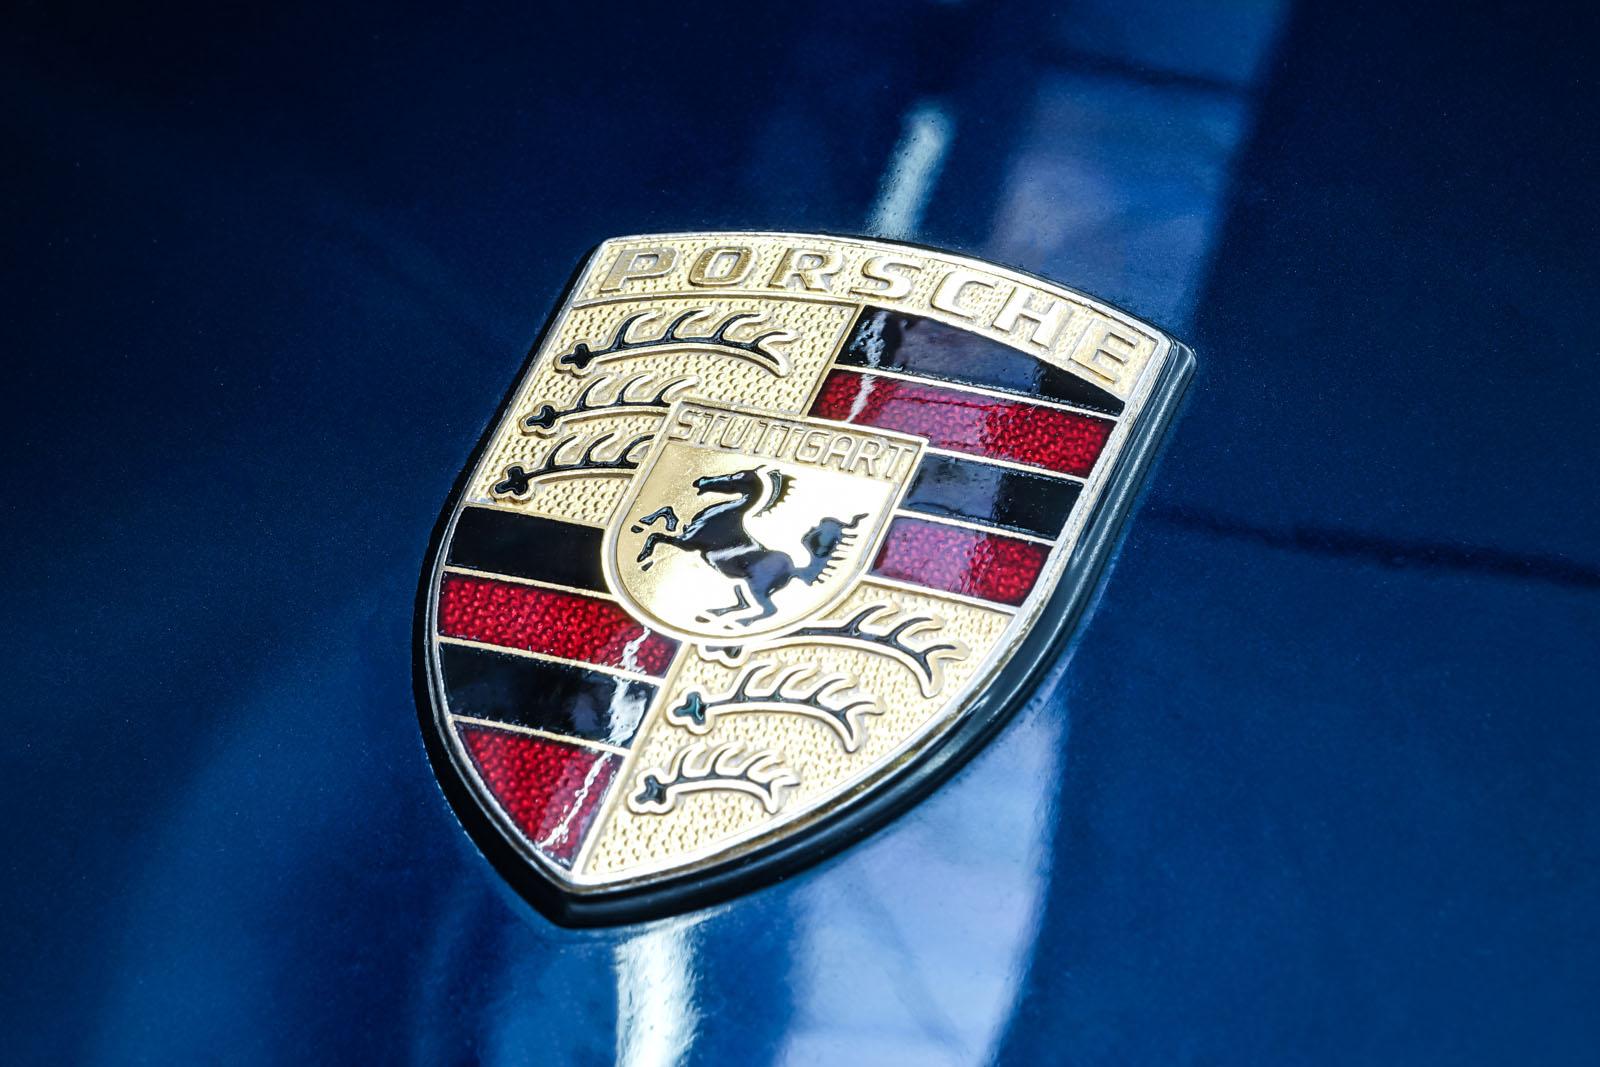 Porsche_968_Blau_Blau_POR-1736_11_w